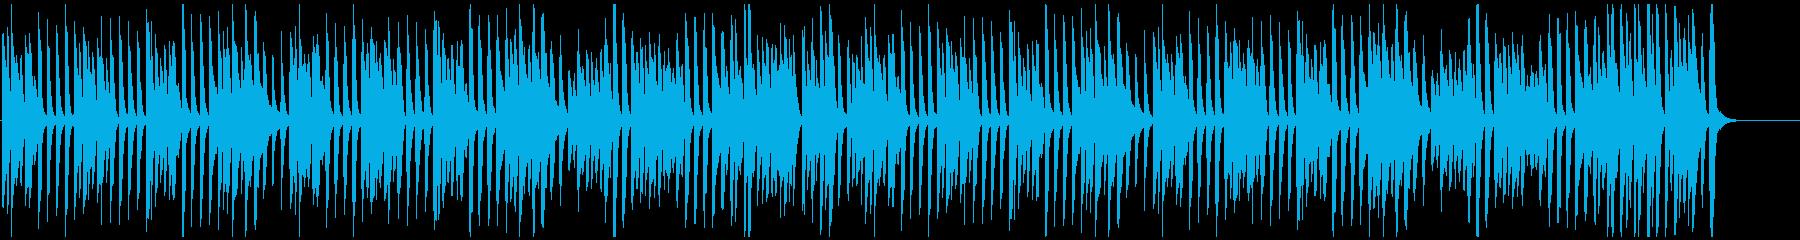 かわいい/ジャズ/ラグタイム風ピアノの再生済みの波形